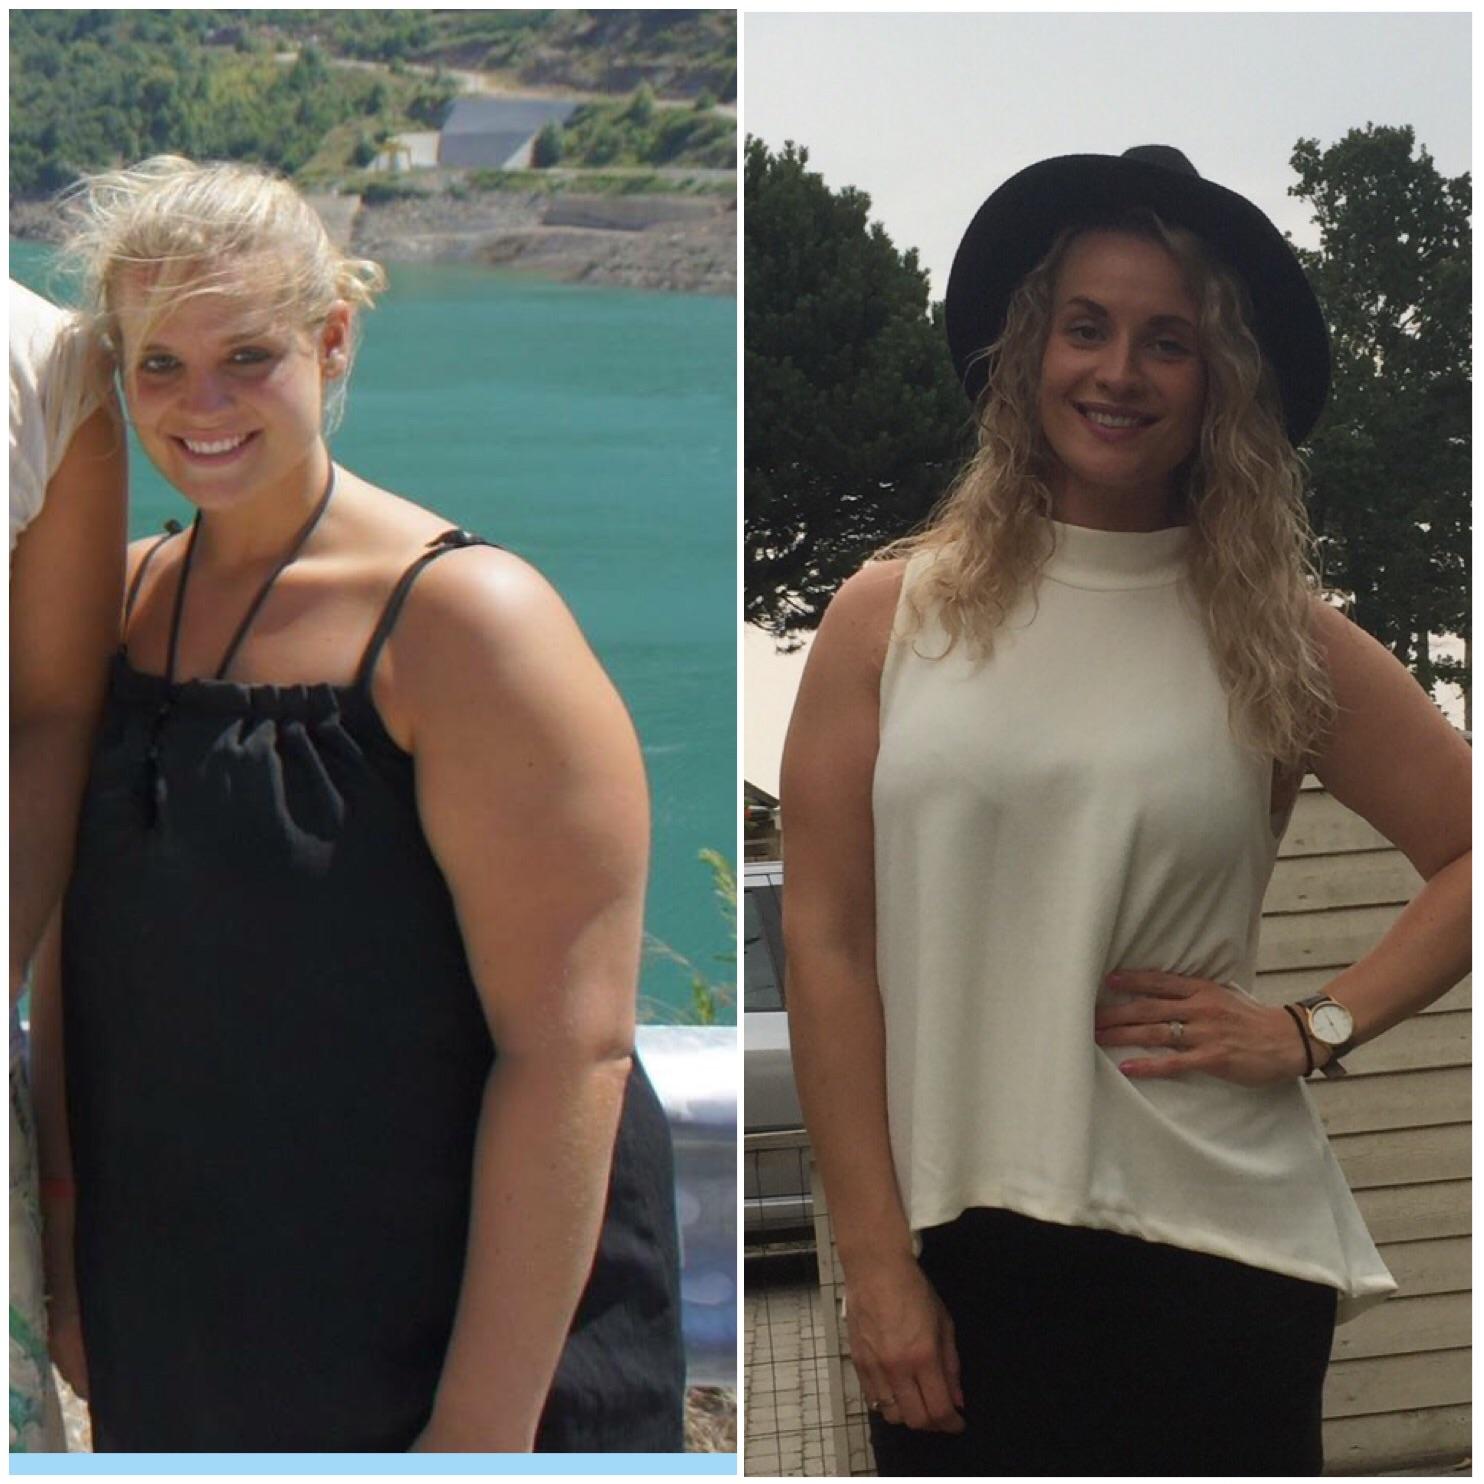 Transformation Vægttab Sundhed Før og efter Blogger Sund Livsstil Blog